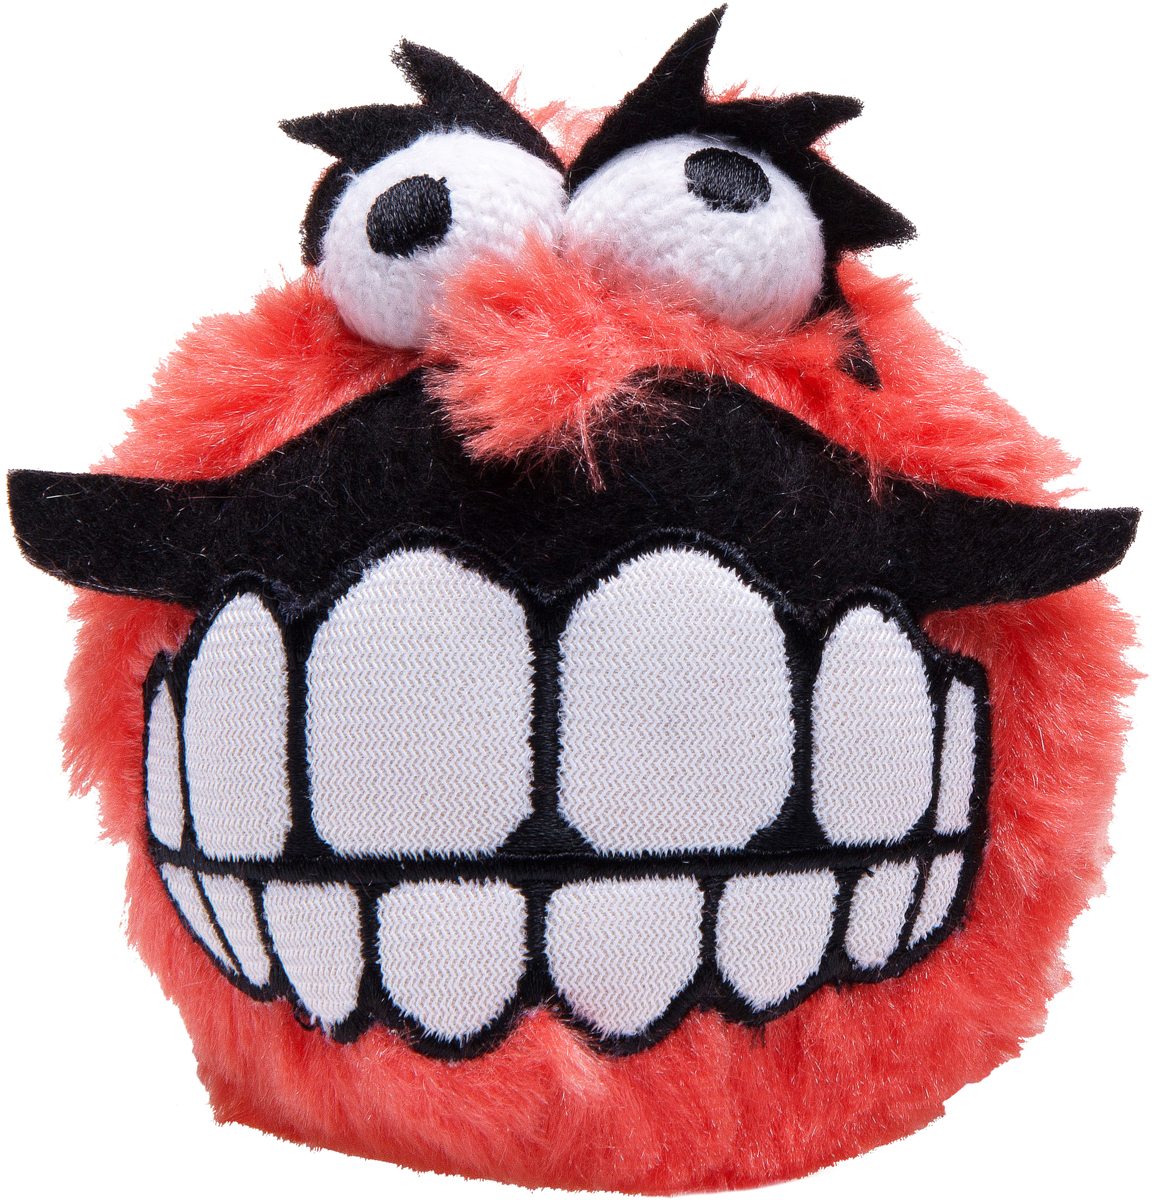 Игрушка для собак Rogz  Fluffy Grinz. Зубы , цвет: красный, диаметр 7,8 см - Игрушки